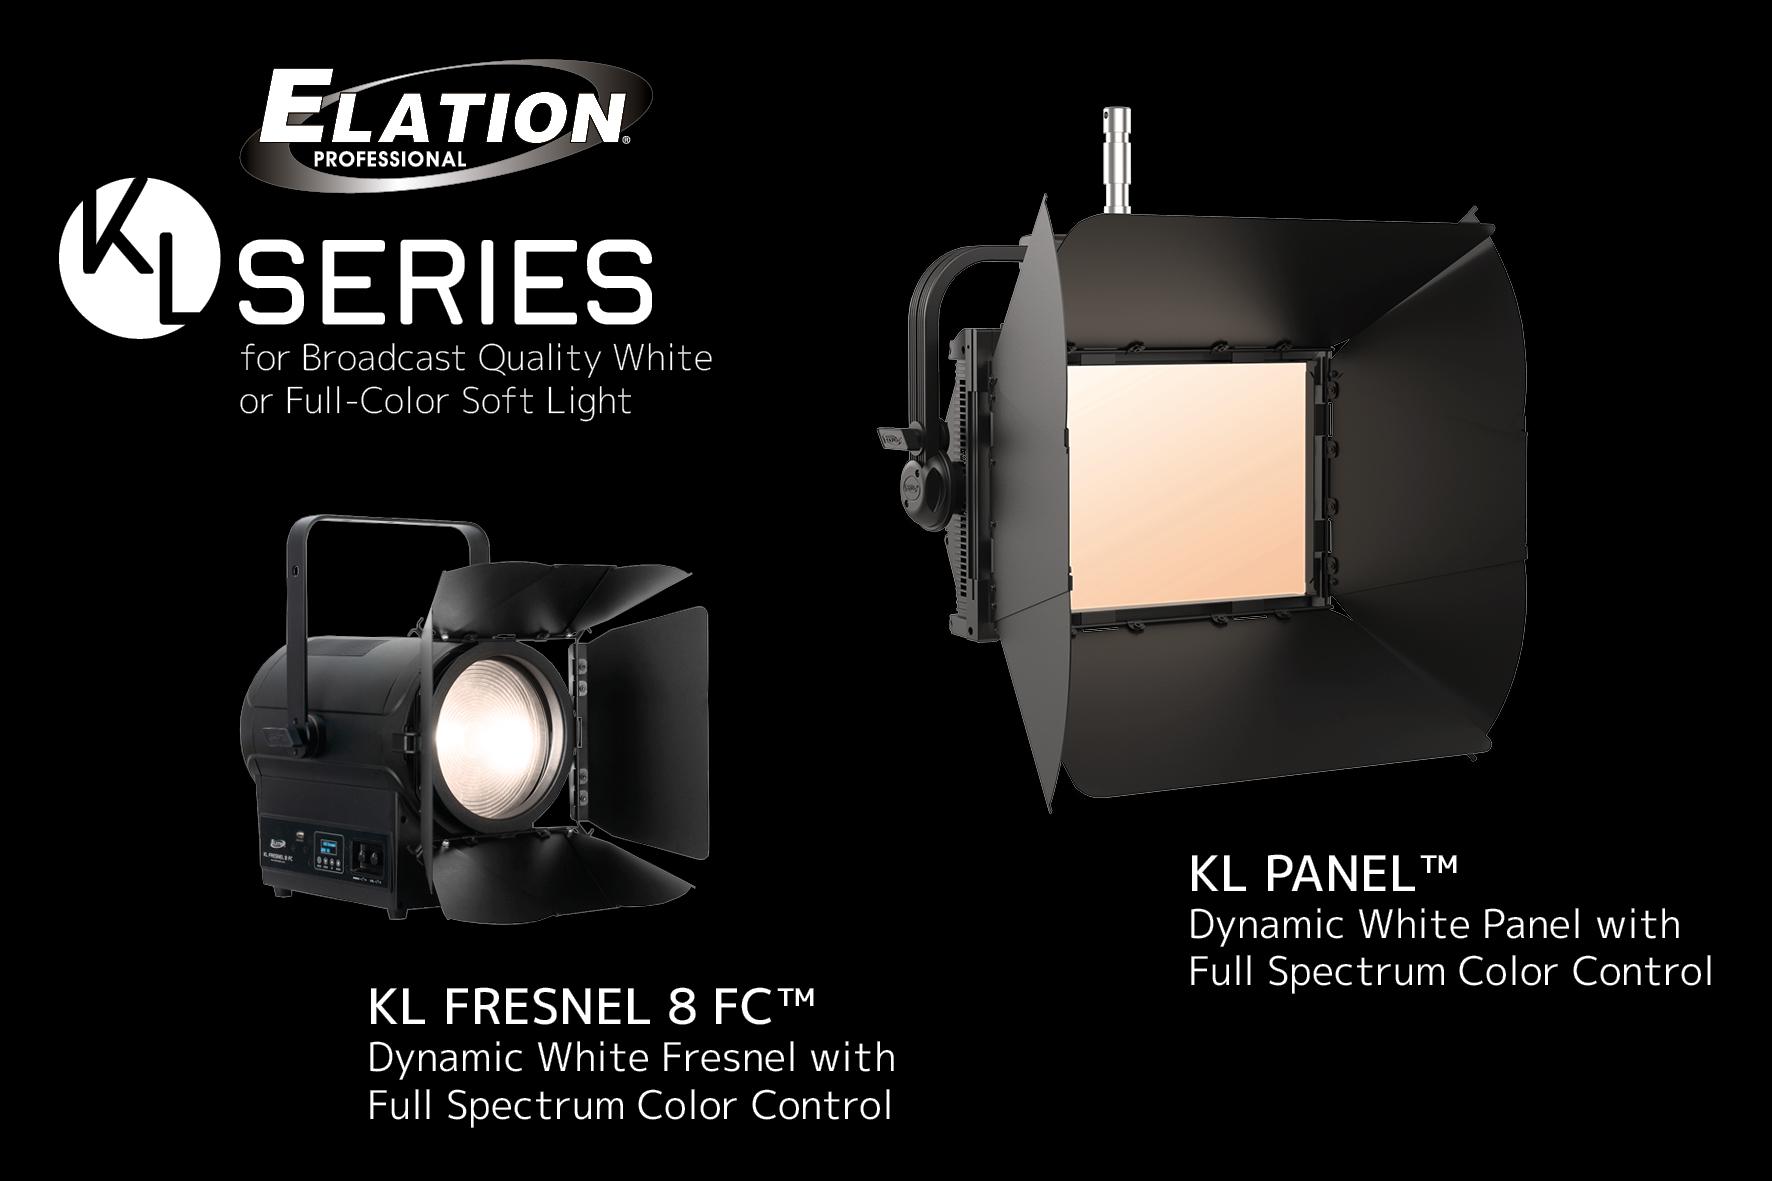 Hochwertiges Key Light für beleuchtungsintensive Einsatzorte von Elation